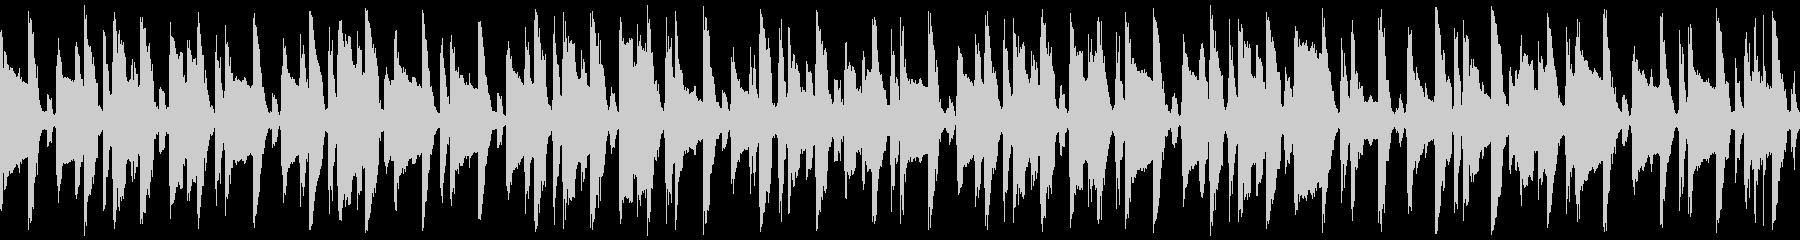 ほのぼの明るい口笛&ギター(ループの未再生の波形